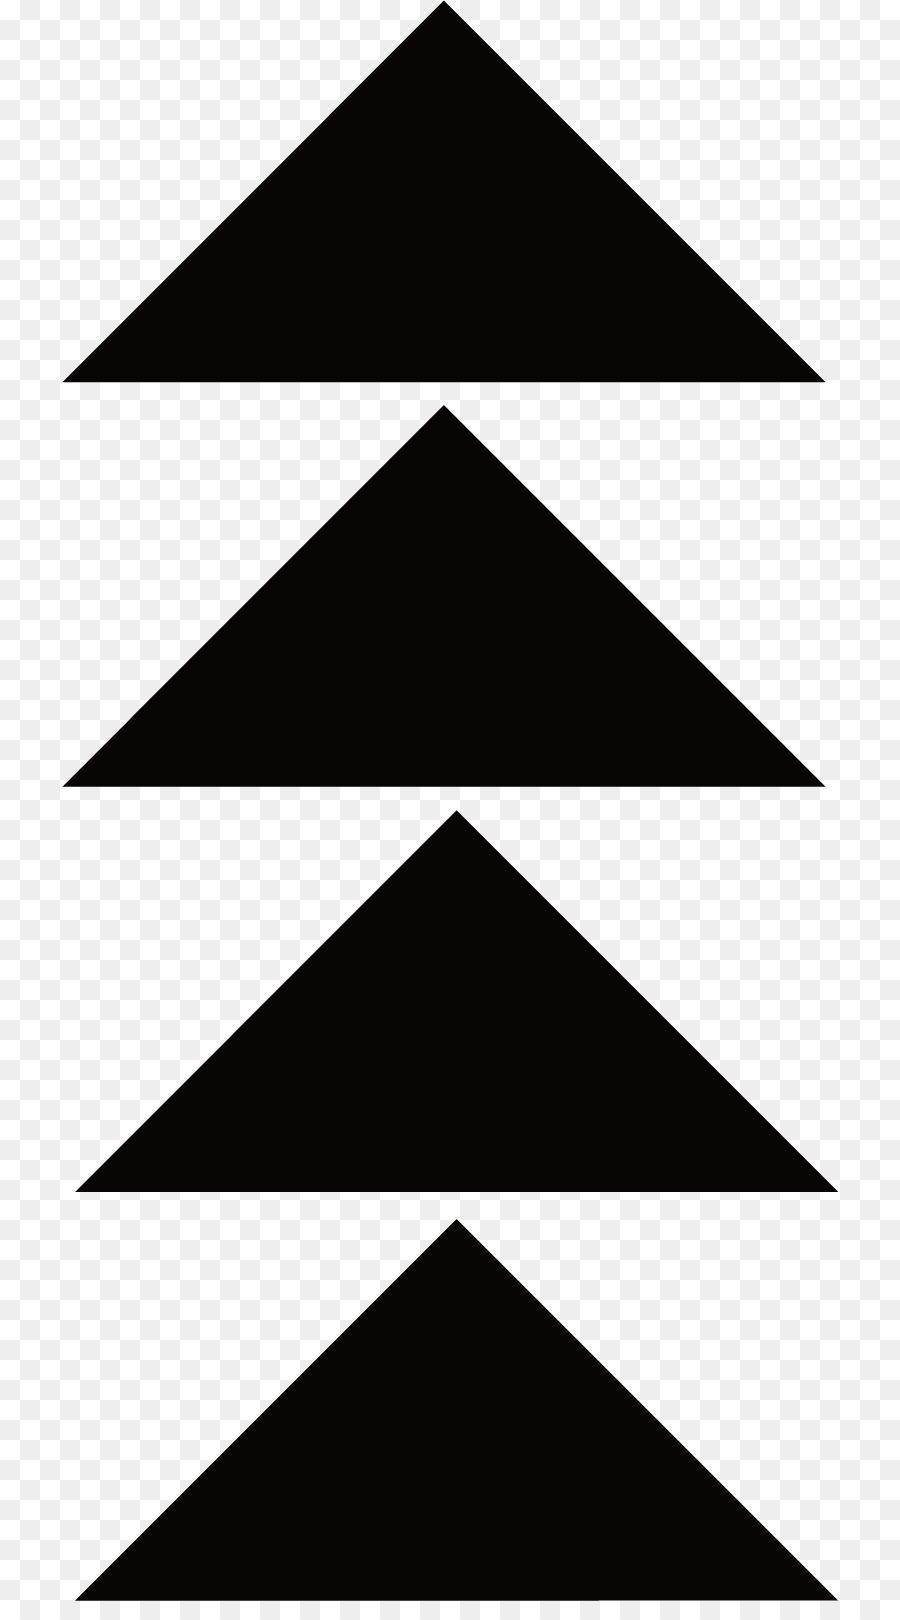 900x1620 Arrow Euclidean Vector Adobe Illustrator